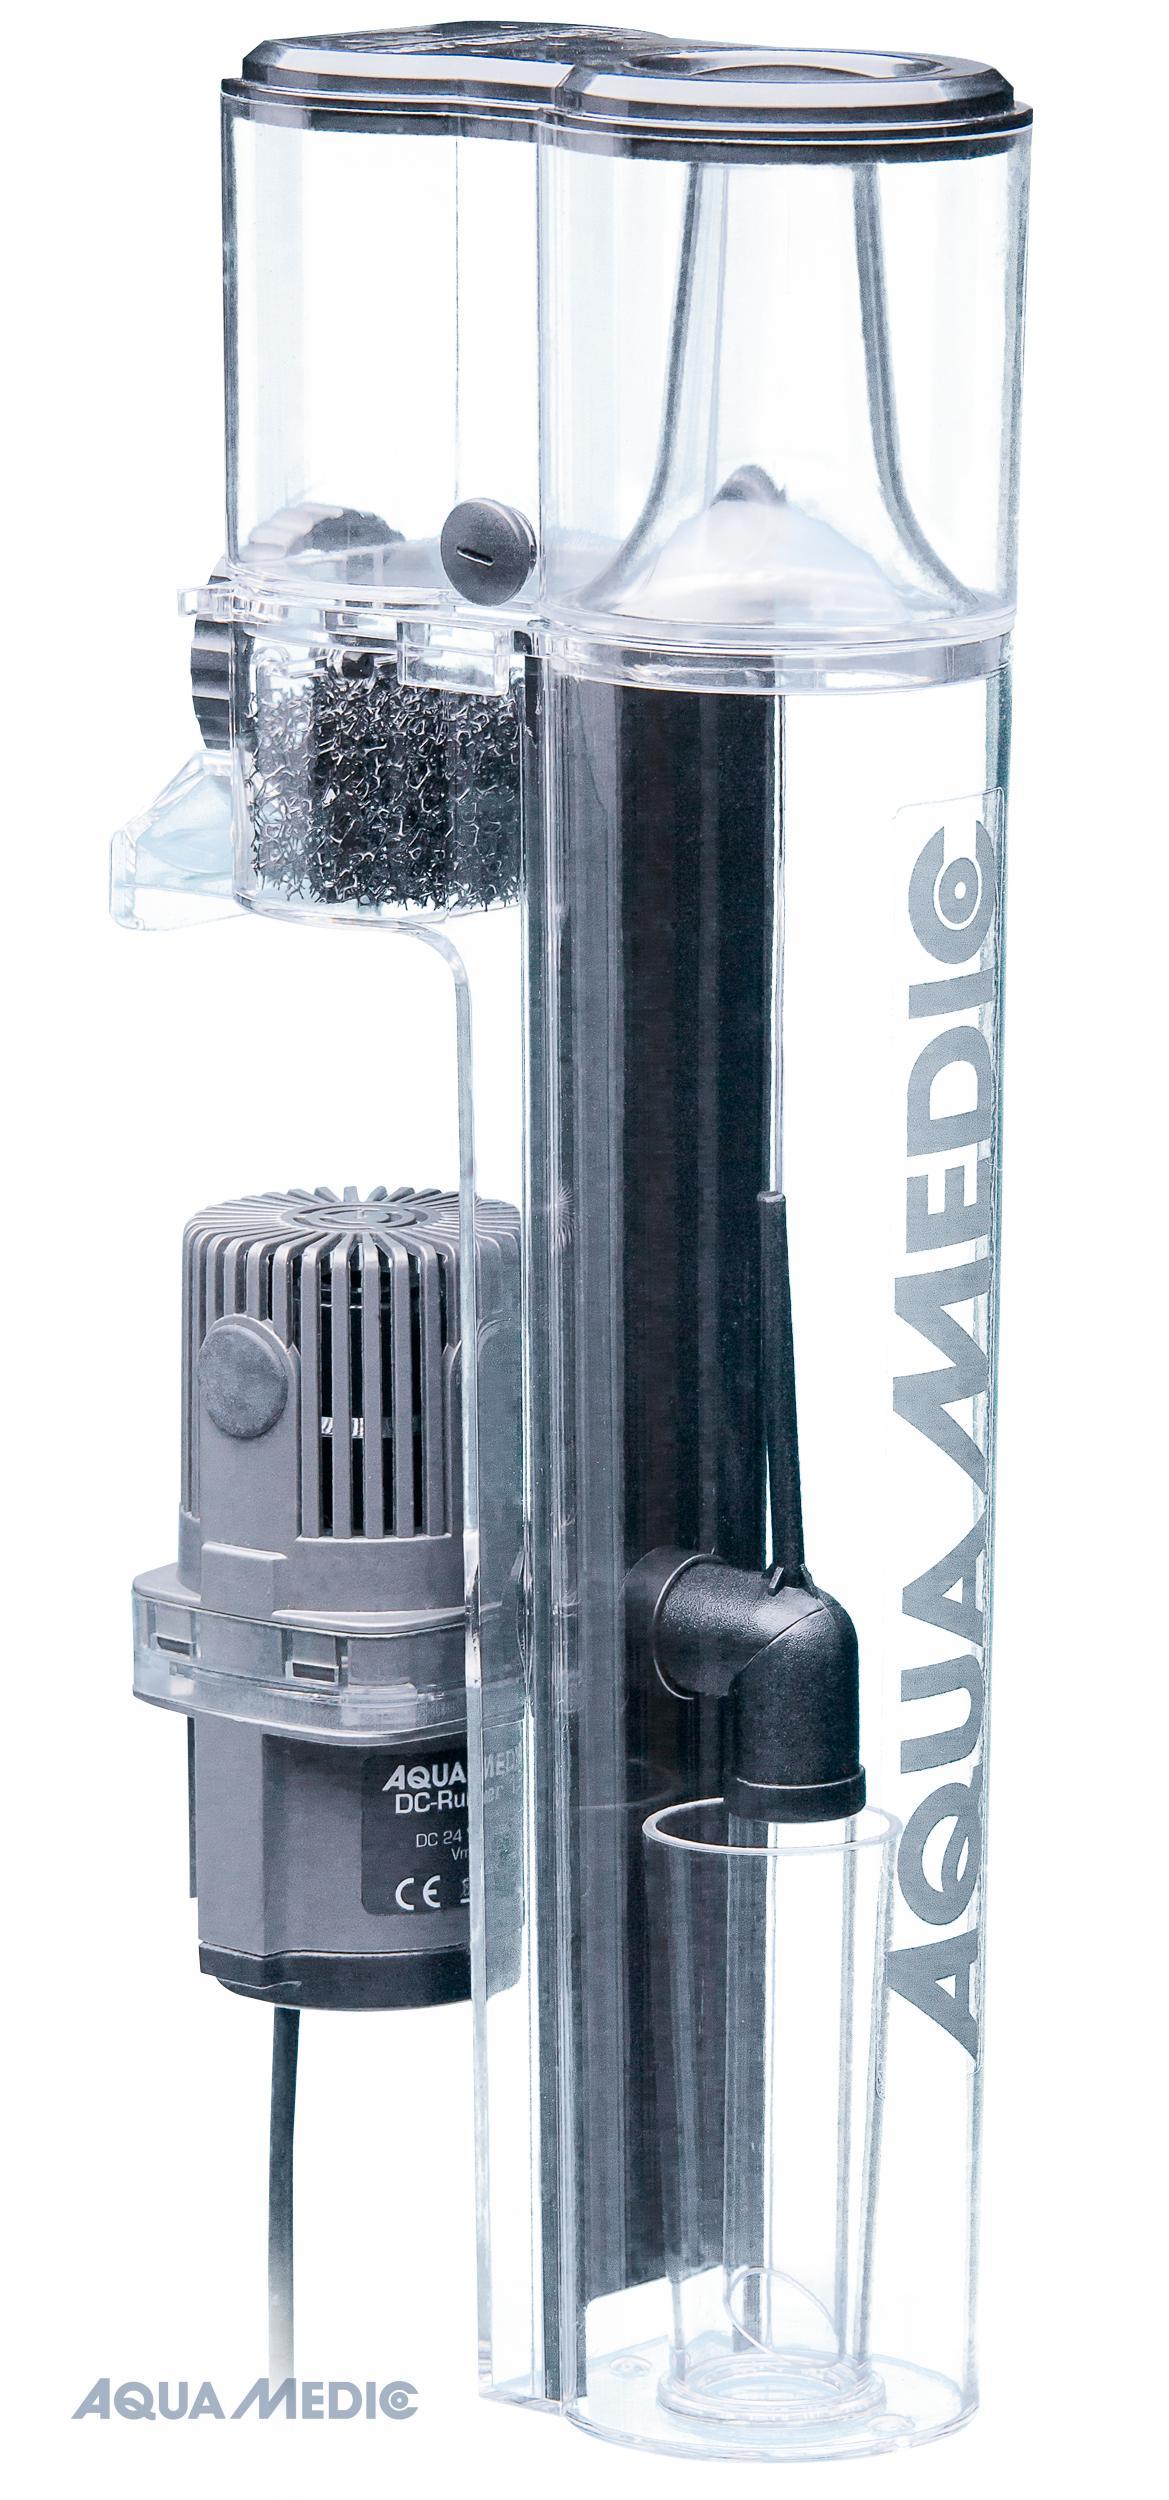 EVO 500 - Motorbetriebener regelbarer Innenabschäumer für Meerwasseraquarien bis 250 Liter Inhalt.